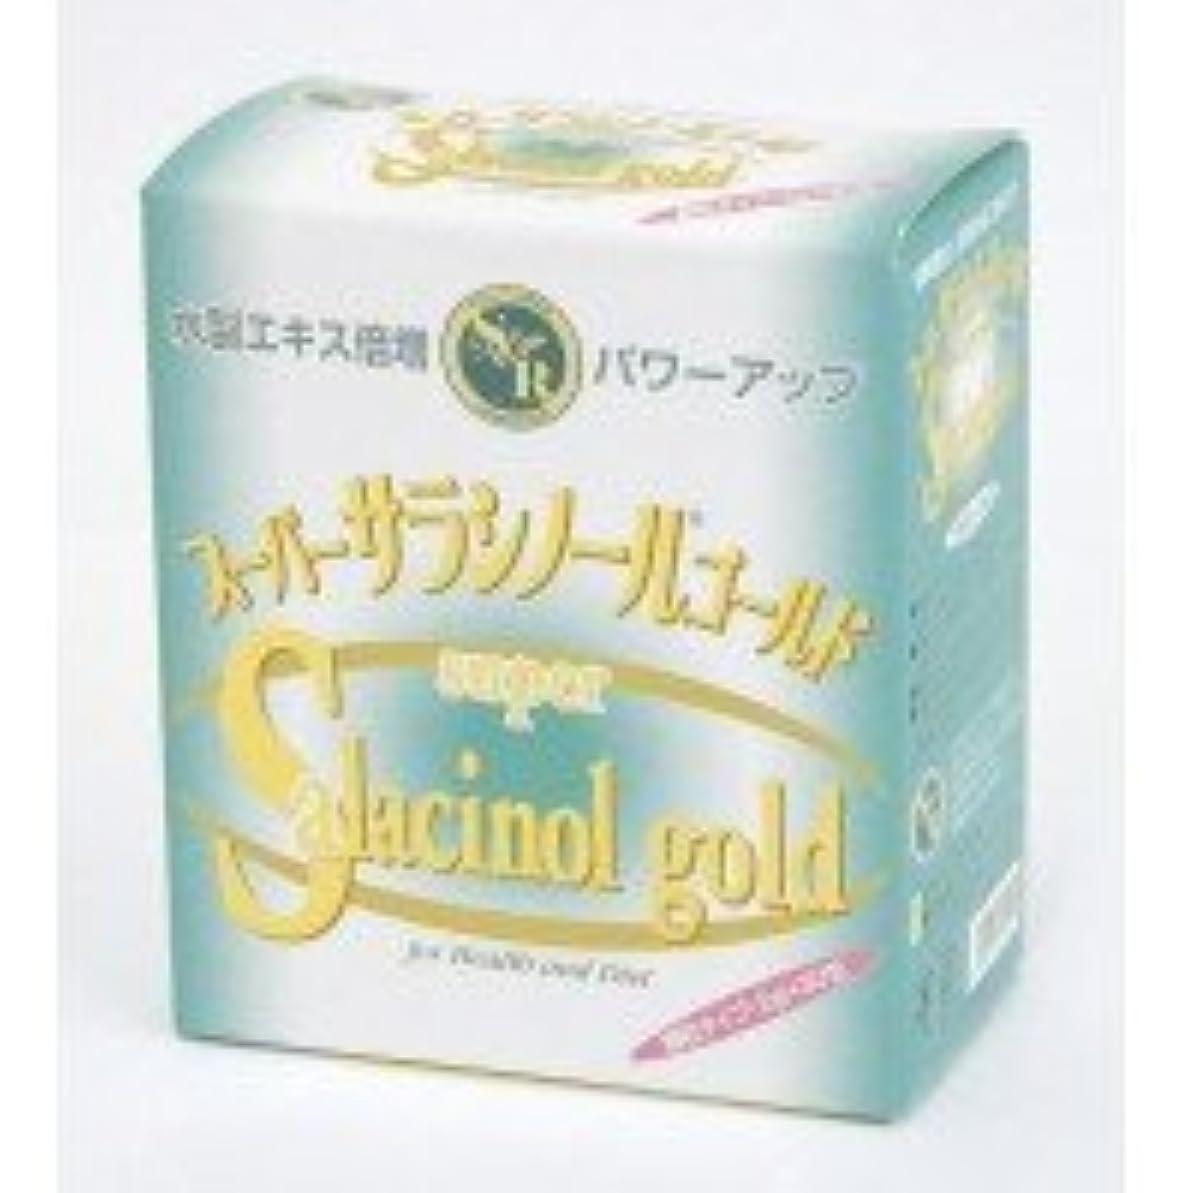 の間に改革再びジャパンヘルス スーパーサラシノールゴールド 2g×30包